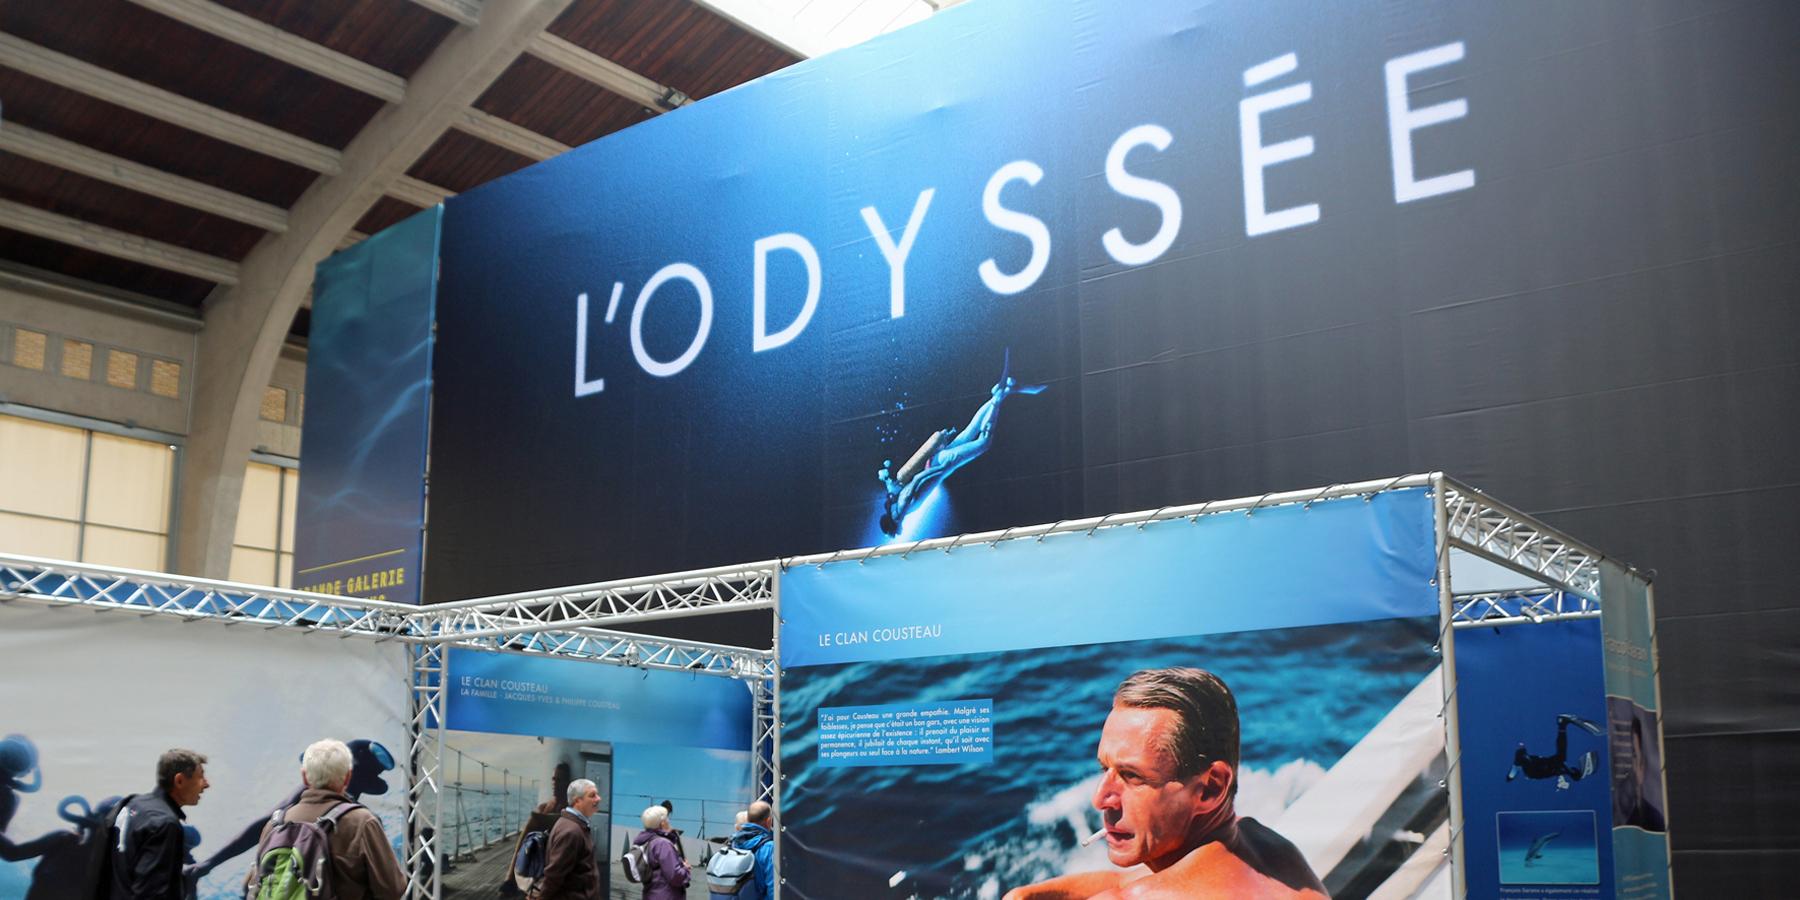 expoodyssee - Jusqu'au 30 novembre à la Cité de la Mer : 'l'Odyssée, l'exposition'